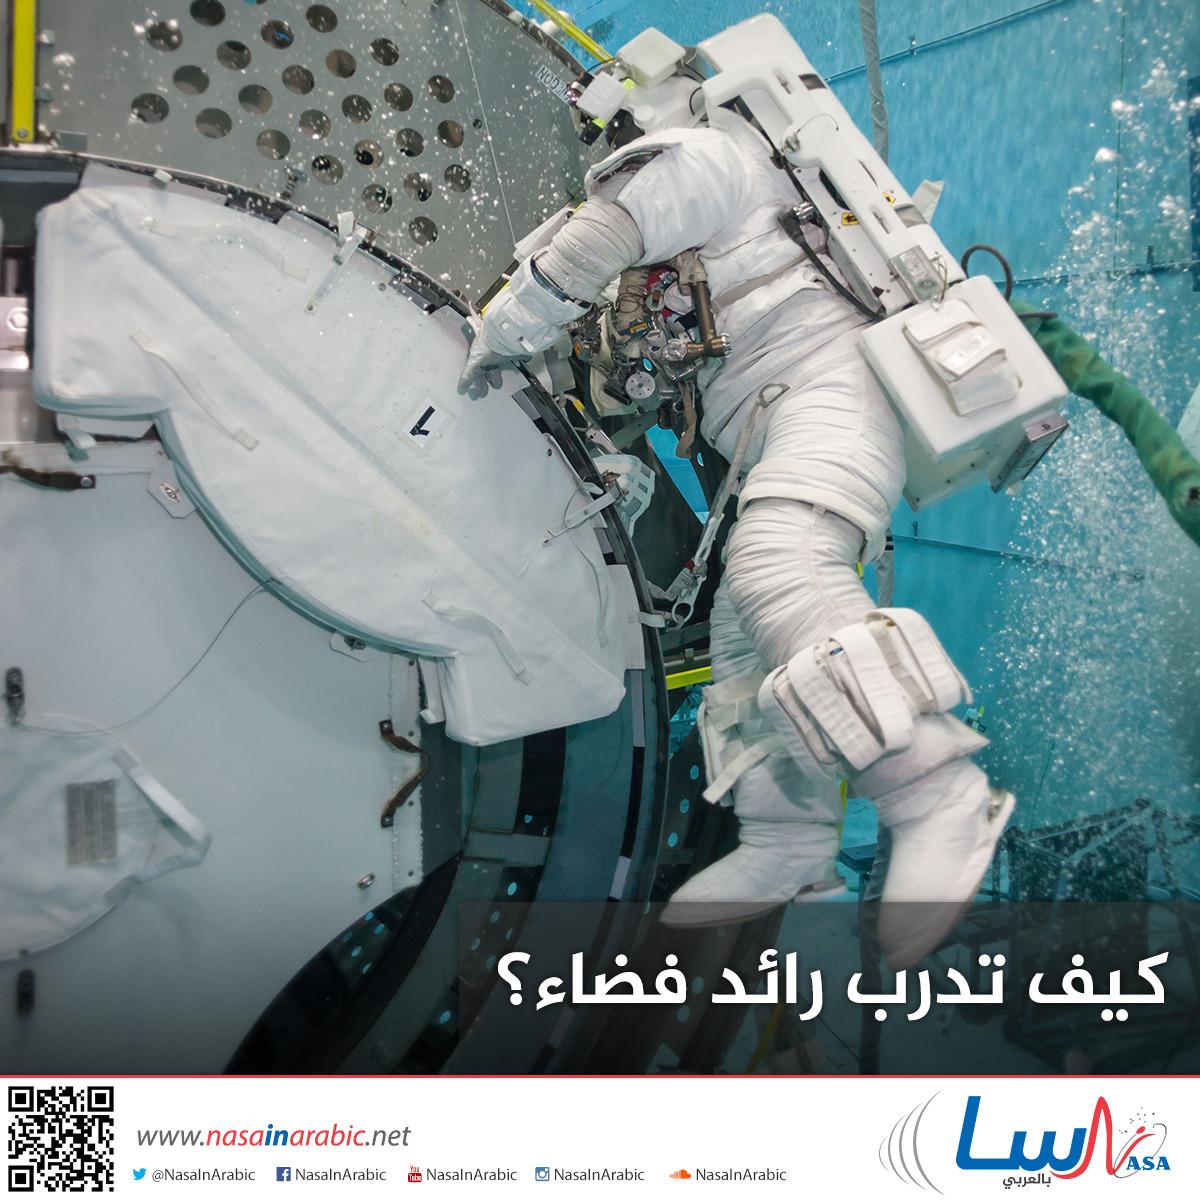 كيف تدرب رائد فضاء؟